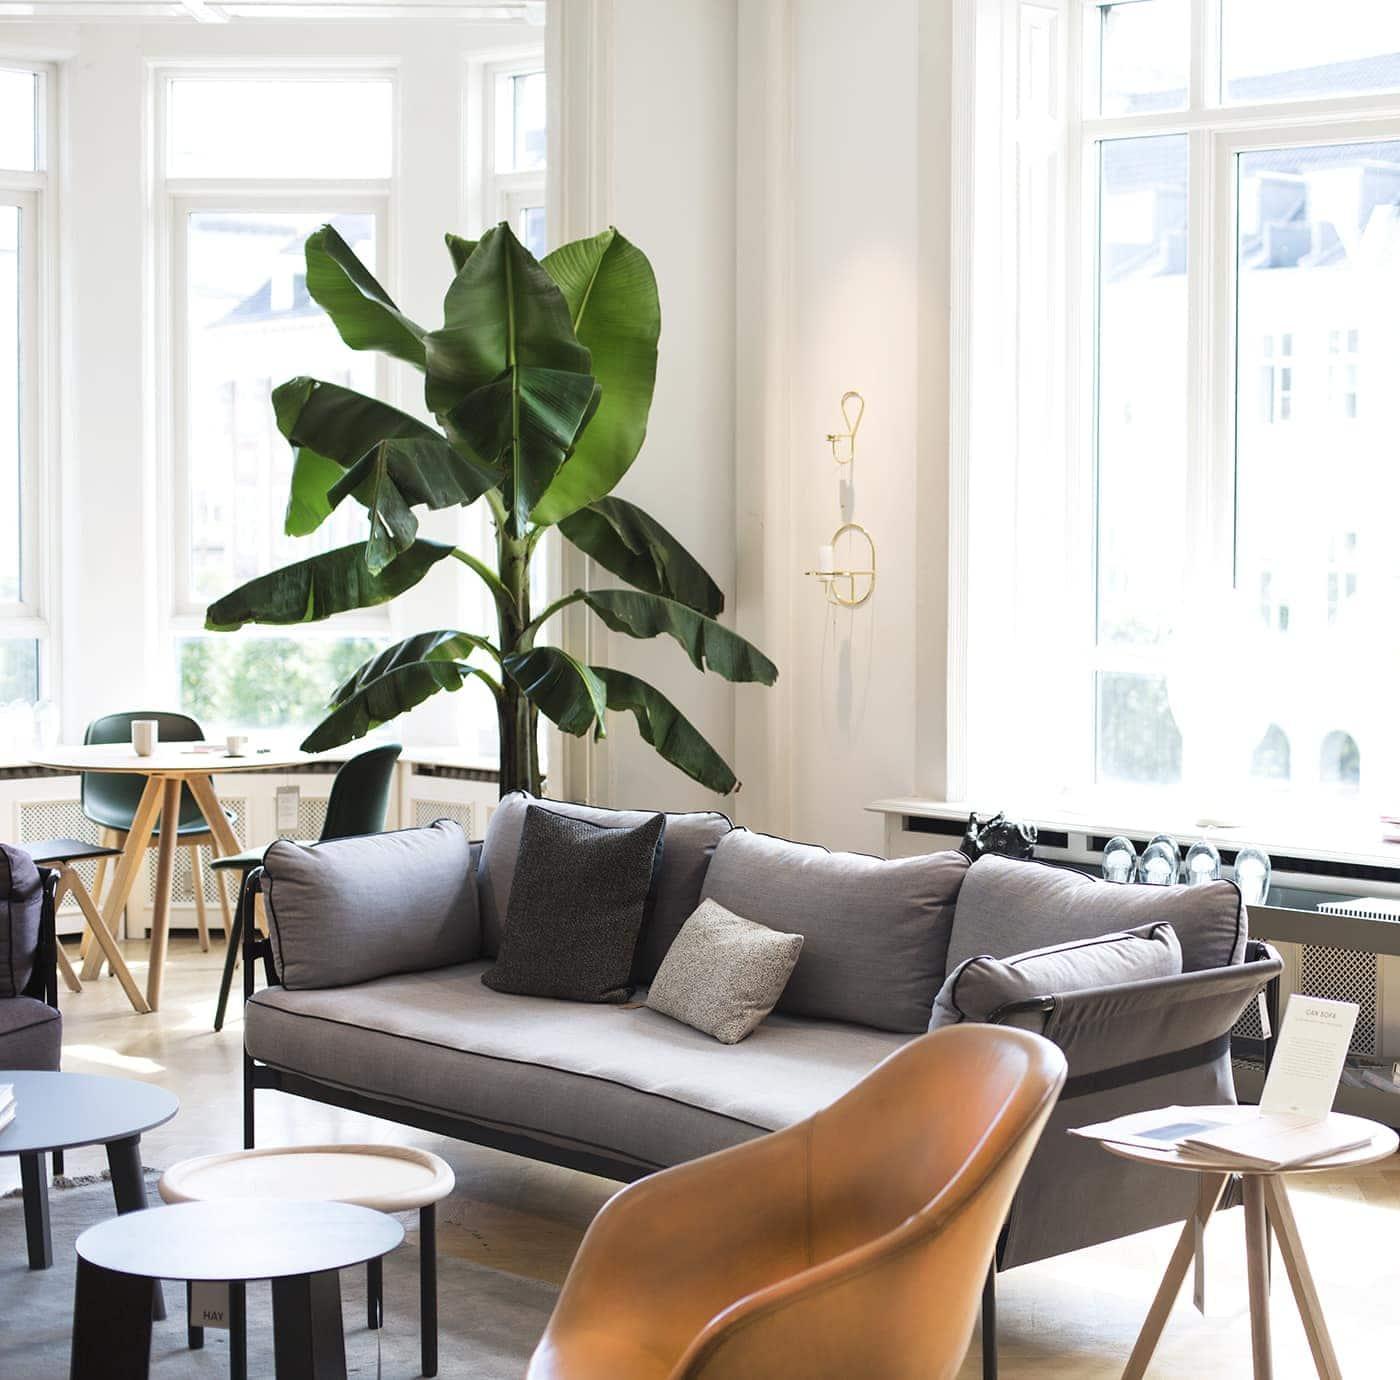 Copenhagen | wanderlust | HAY interiors